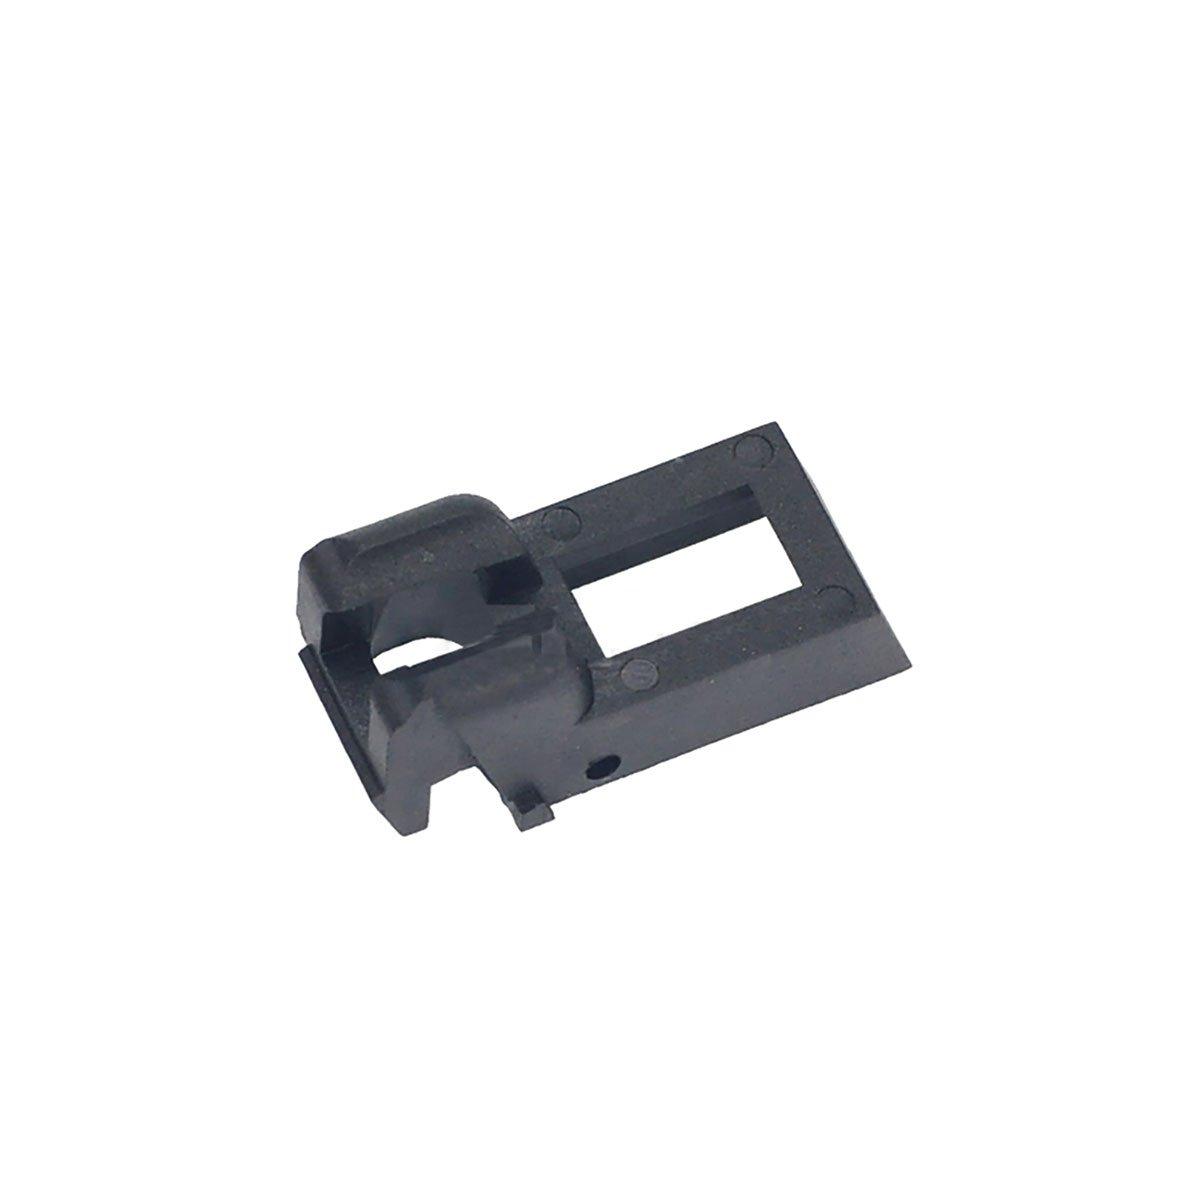 Mag Lip/Labio de Magazine Estilo Marui Glock TB-1021